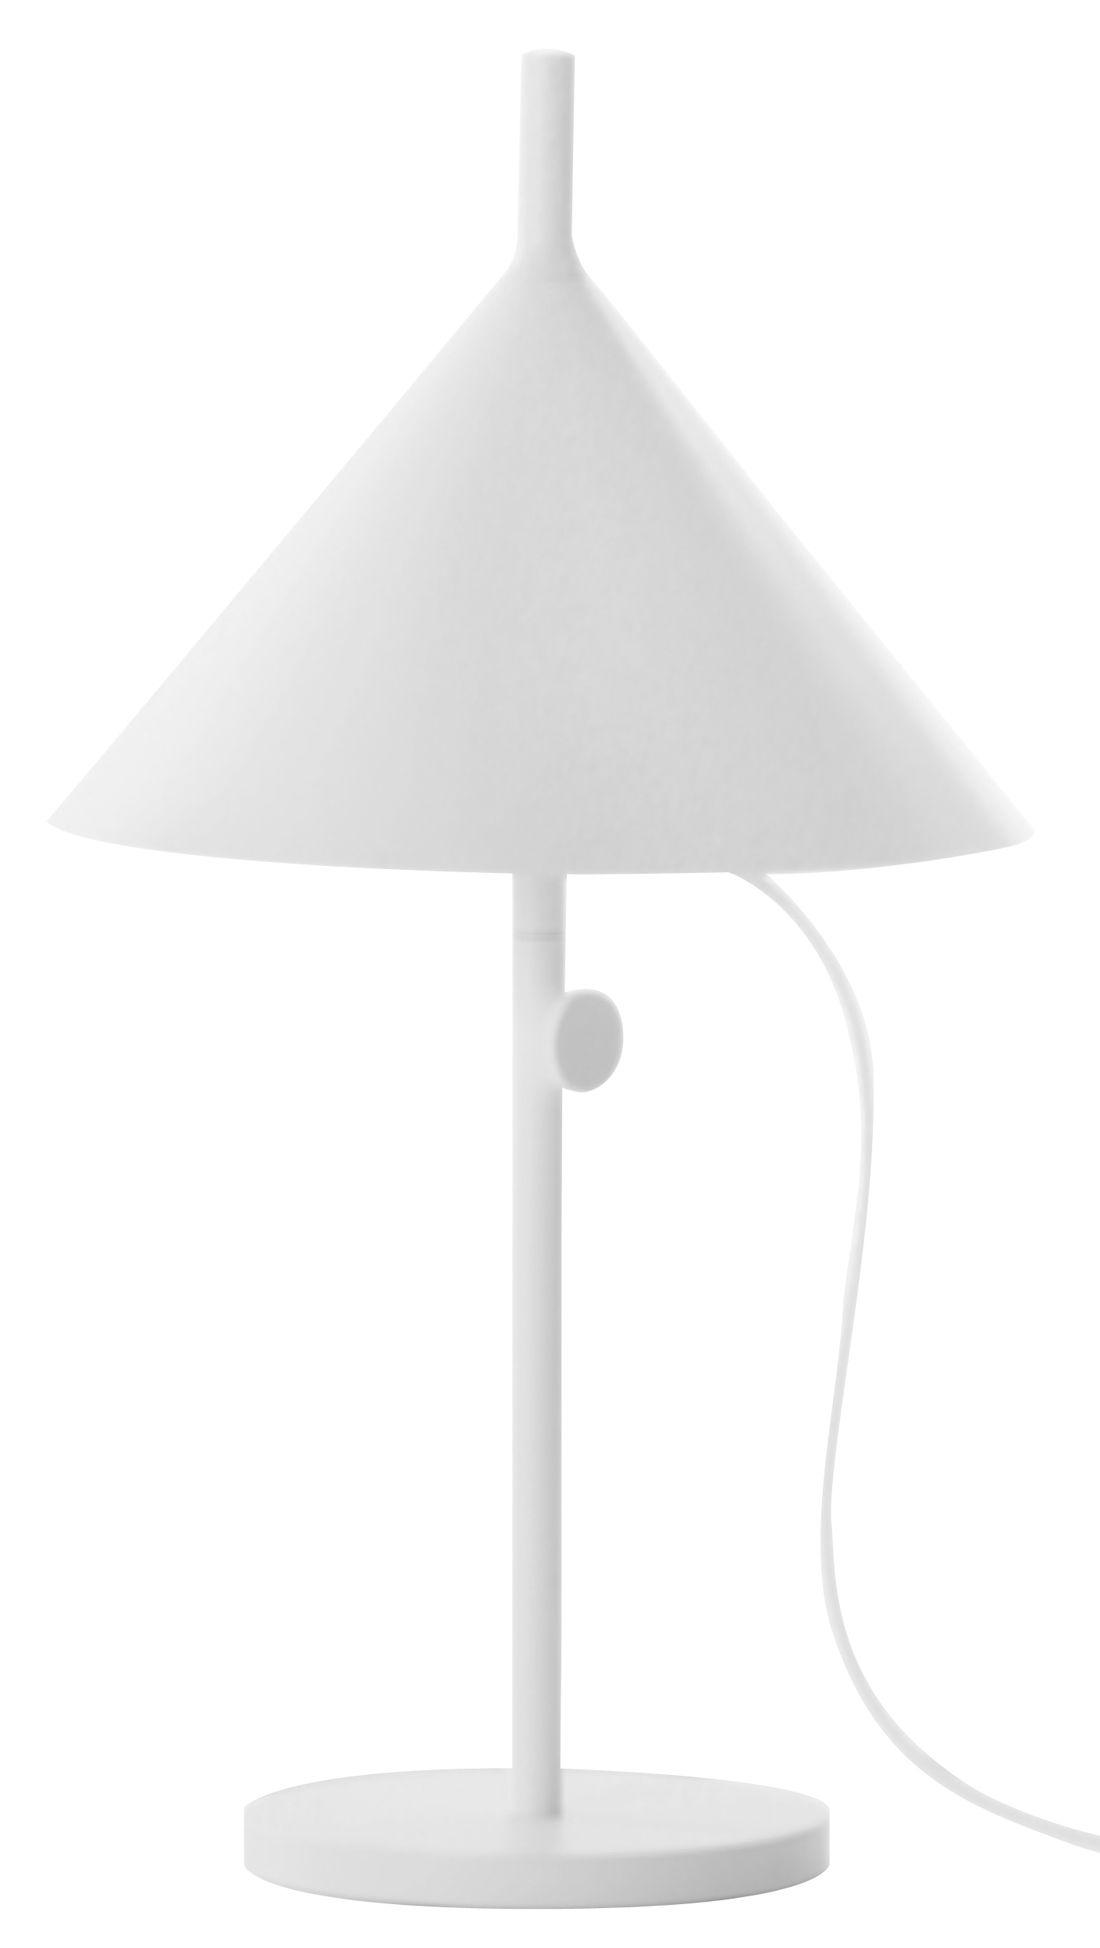 Luminaire - Lampes de table - Lampe de table Nendo Cone w132t / Hauteur réglable - Wästberg - Blanc - Acier